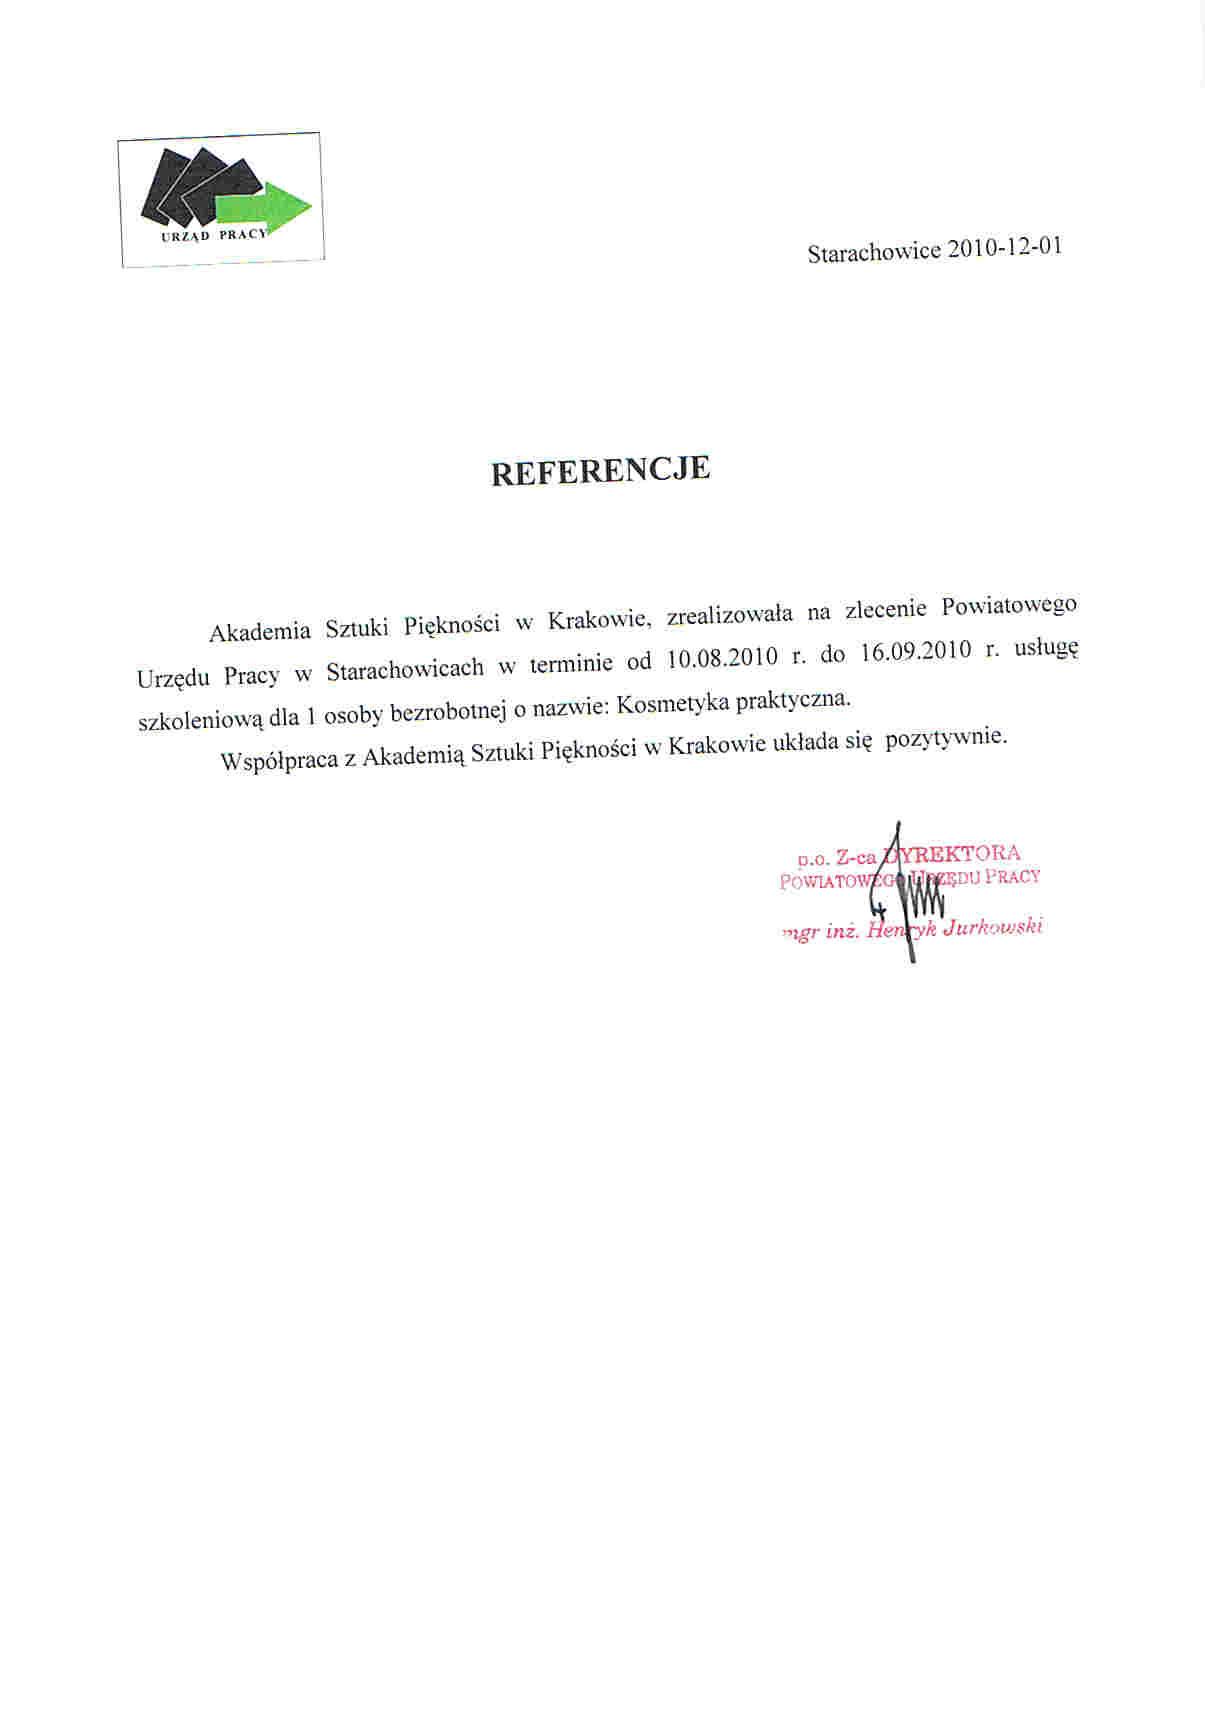 Powiatowy Urząd Pracy w Starachowicach-Starachowice